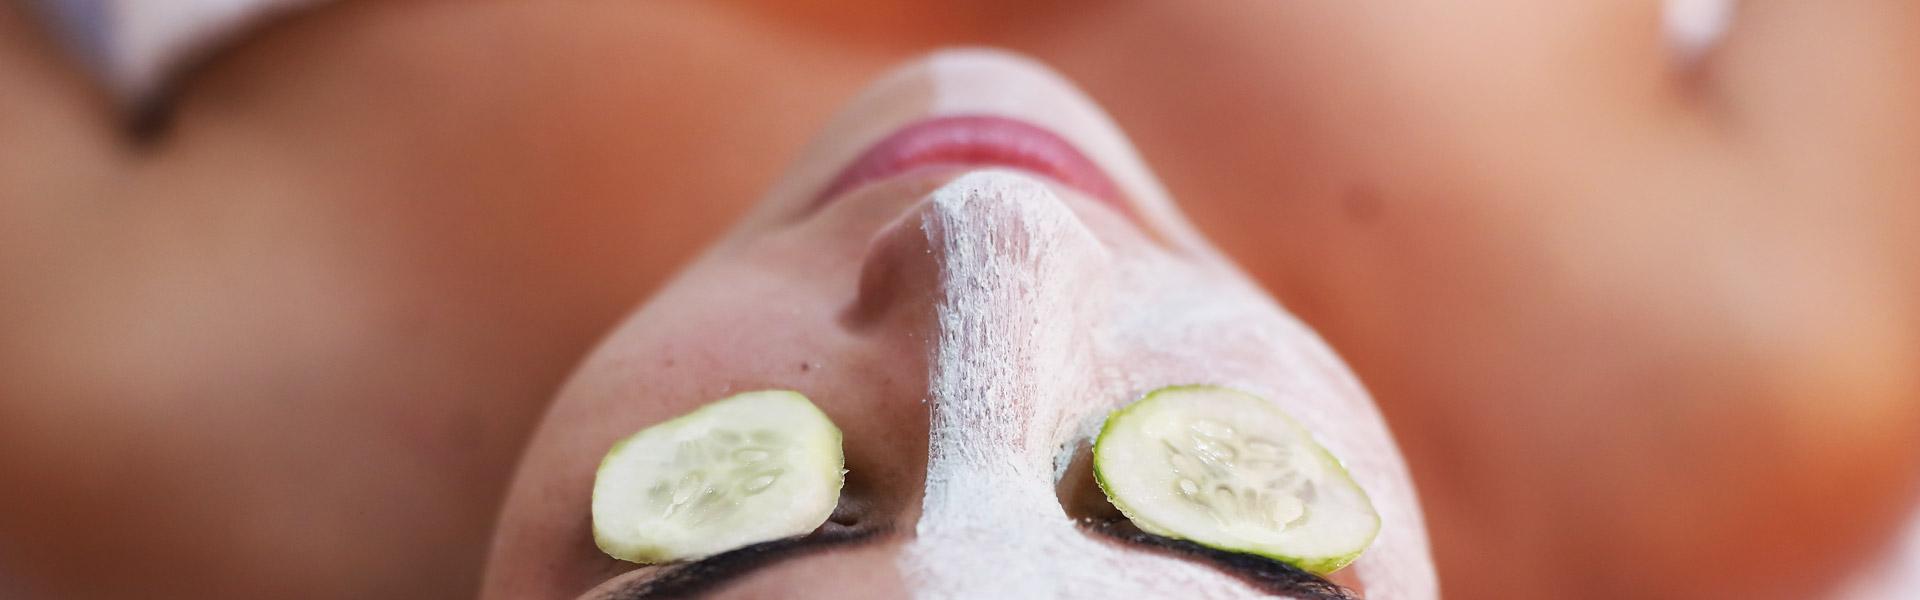 tratamento-de-acne-em-brasilia-sandra-martins1